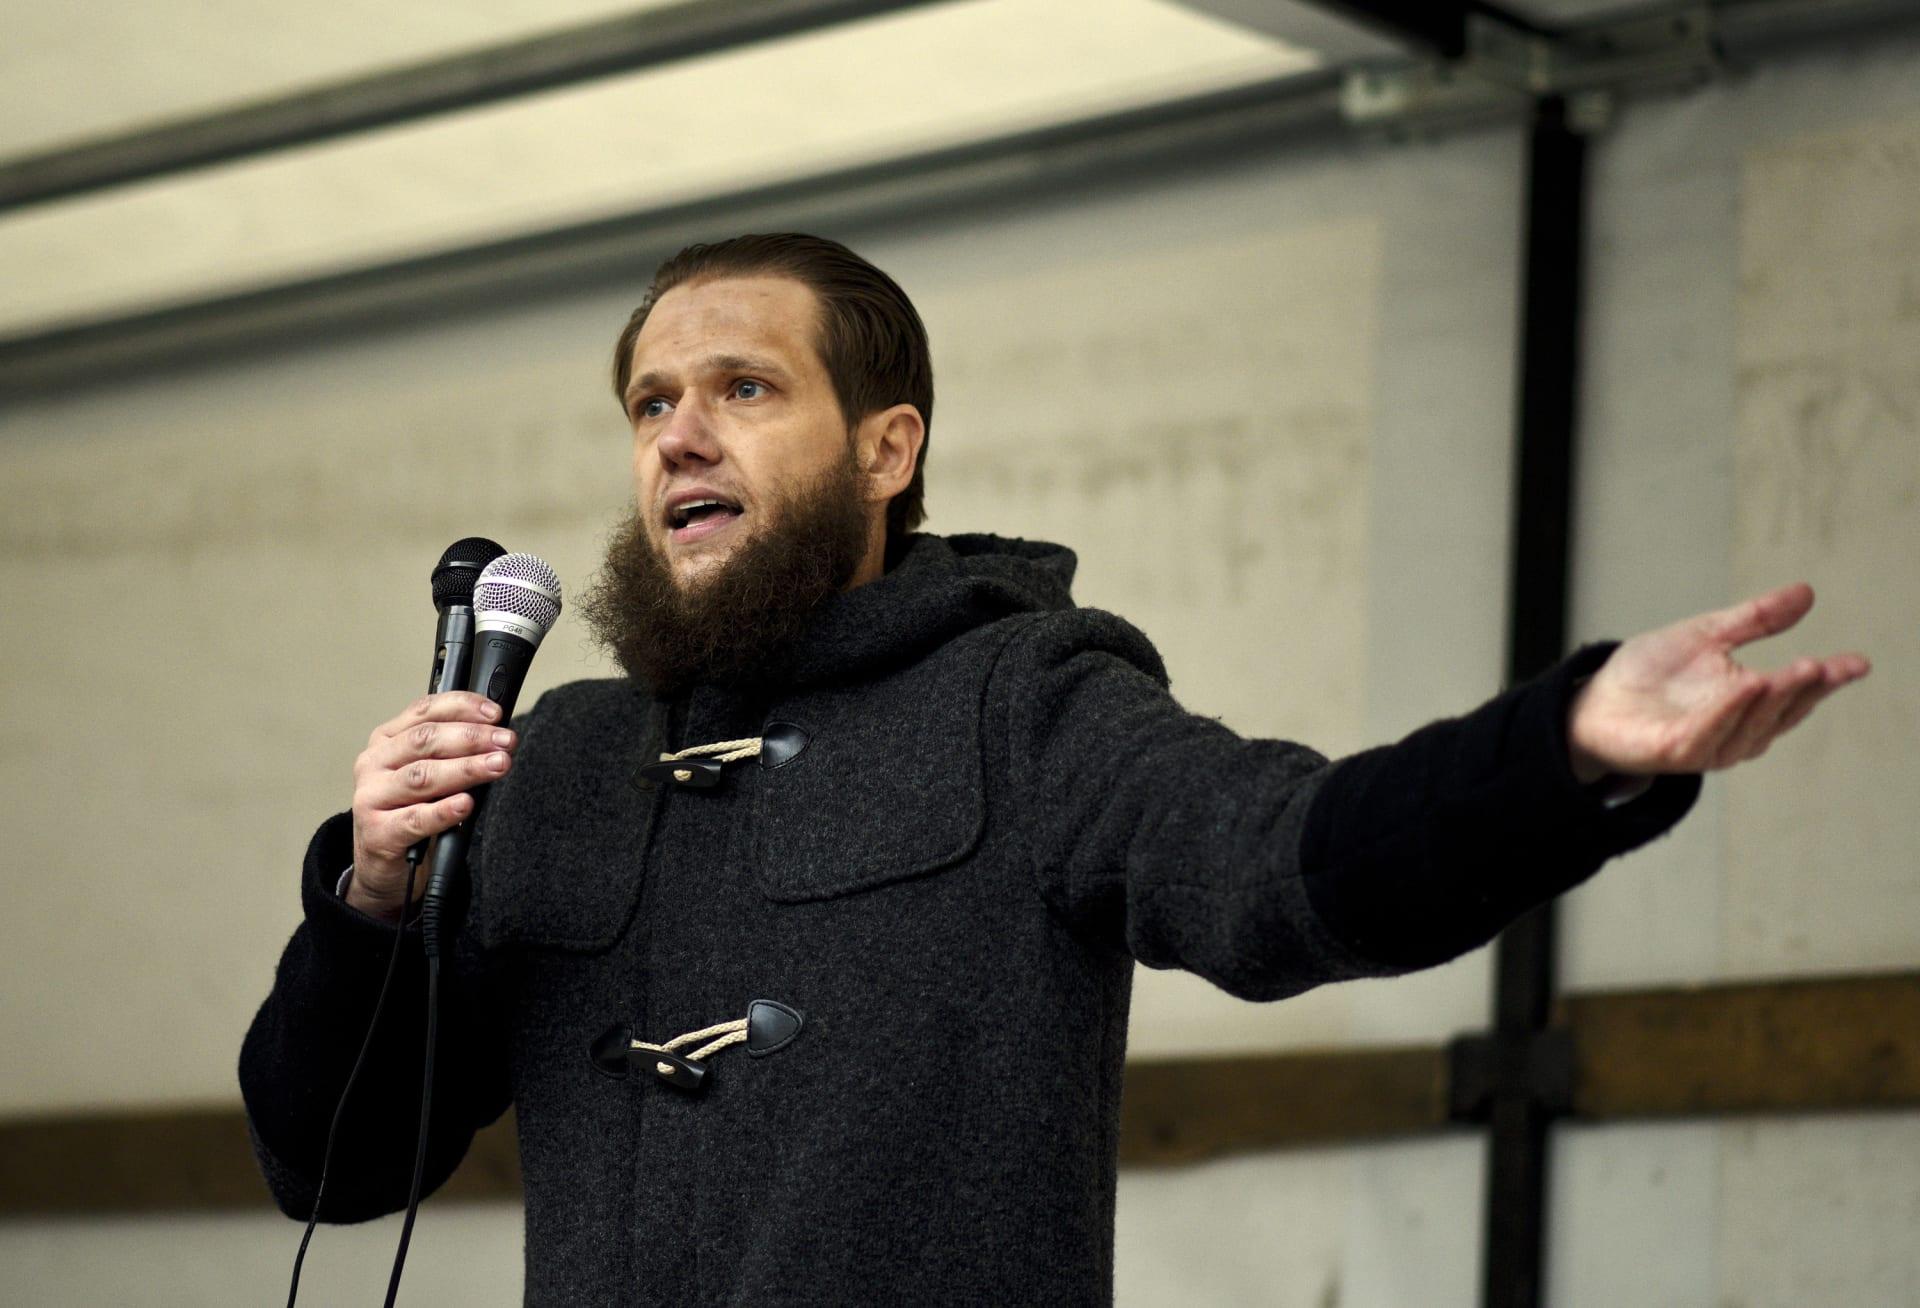 ألمانيا: اعتقال داعية إسلامي للاشتباه بدعمه تنظيما إرهابيا في سوريا